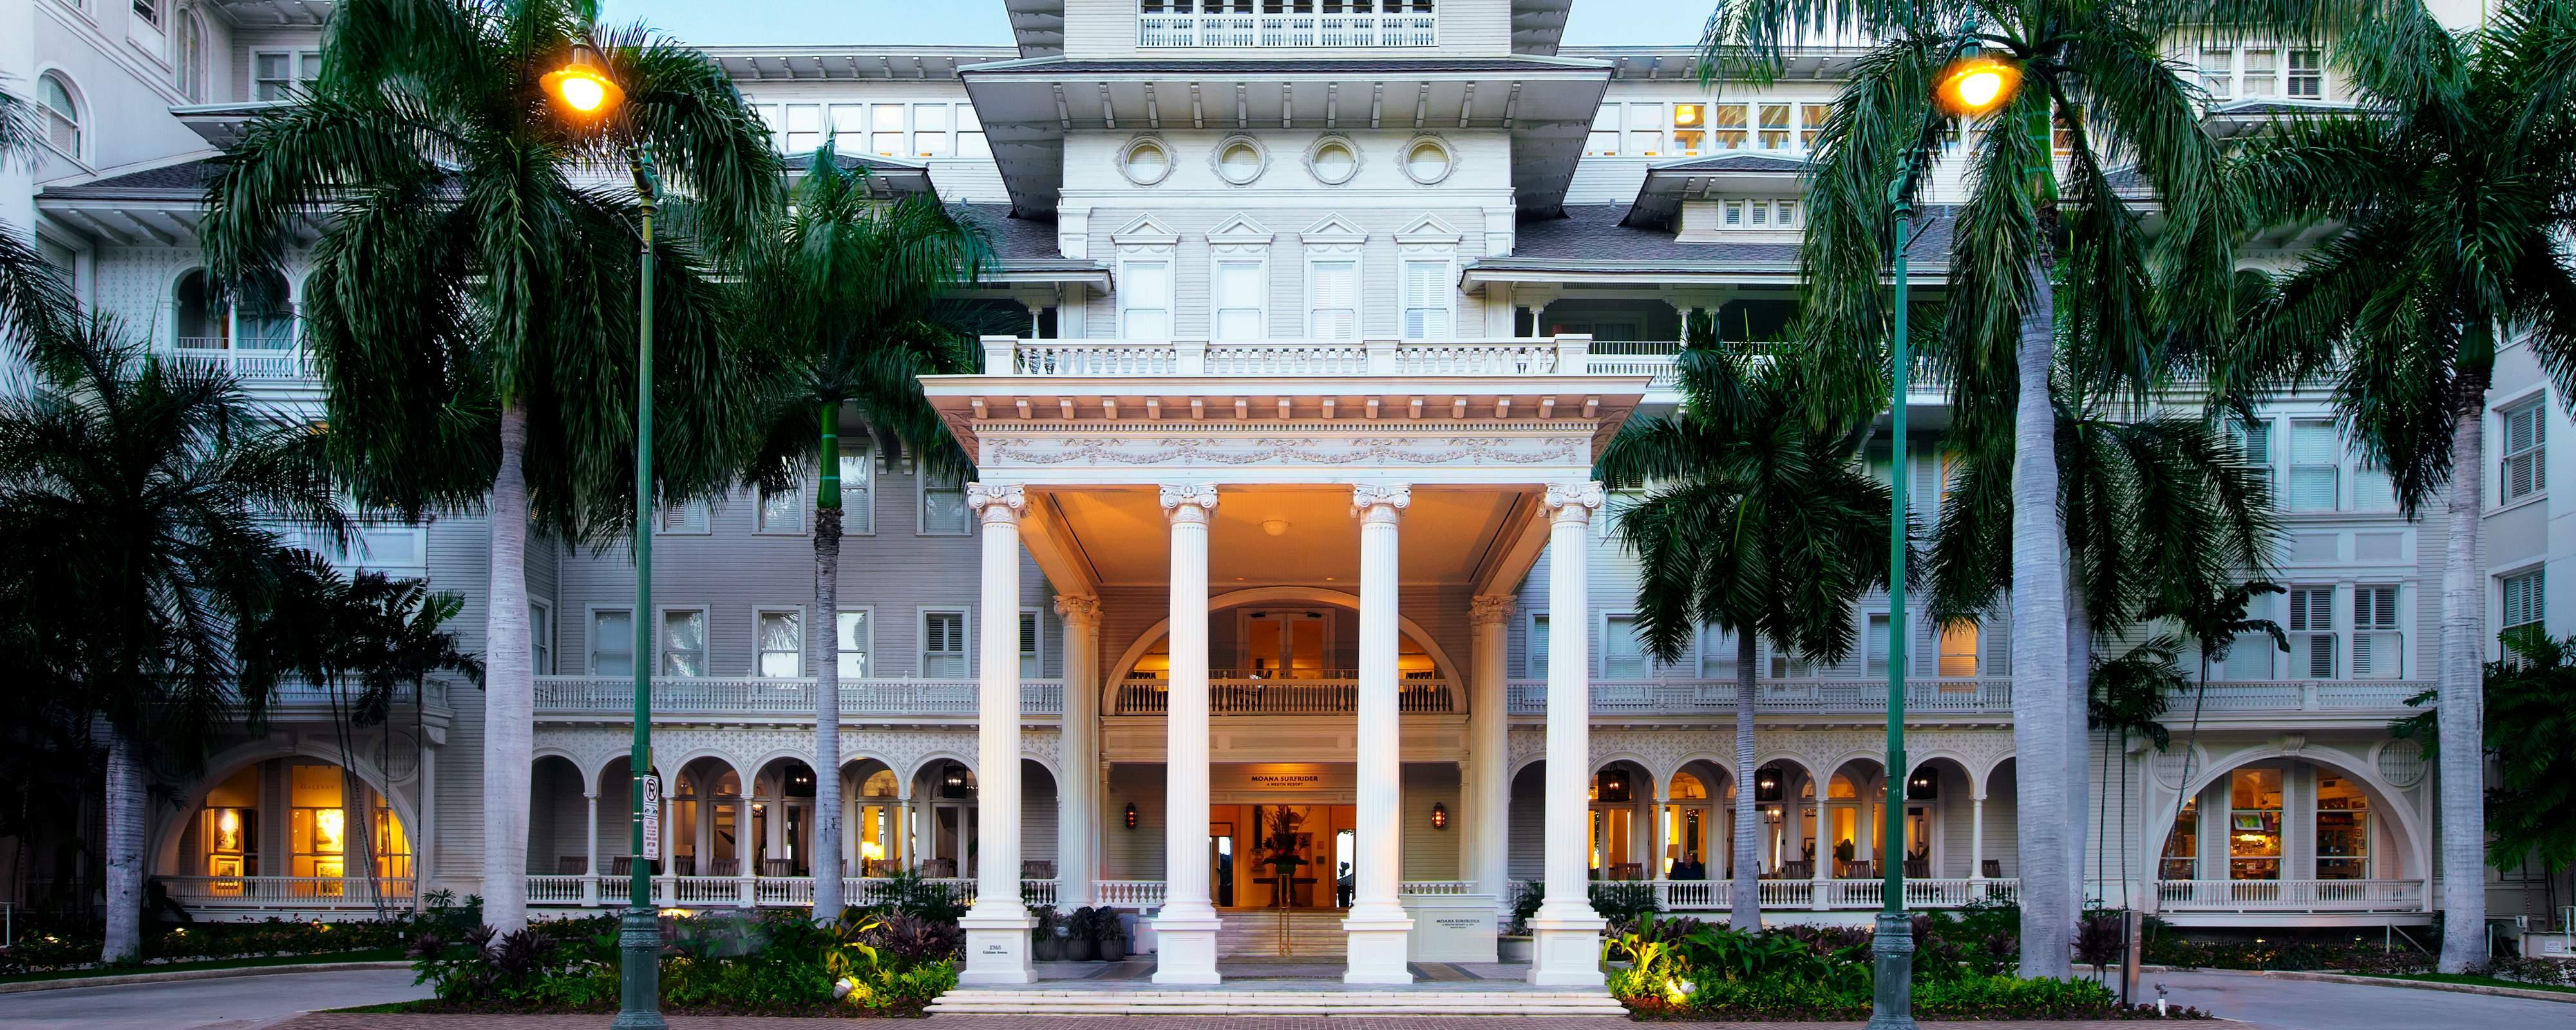 Honolulu HI Hotel | Moana Surfrider, A Westin Resort & Spa, Waikiki Beach